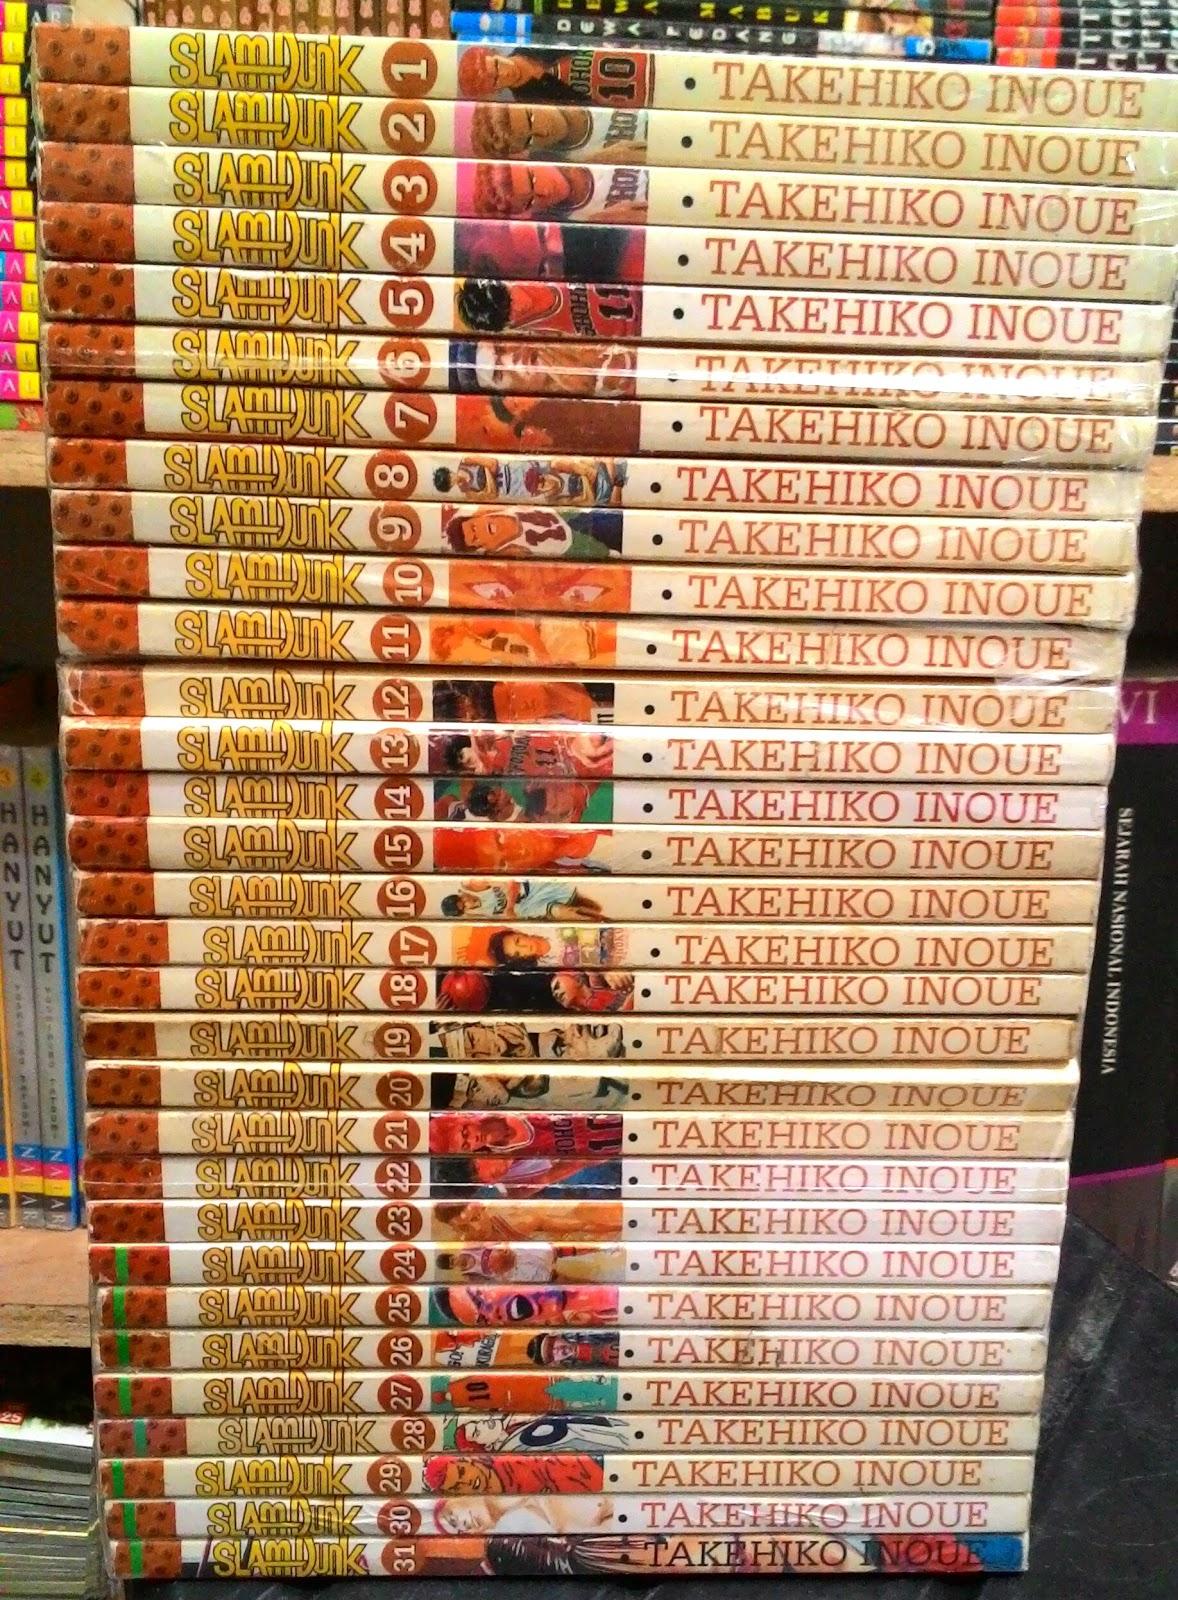 Komik Slam Dunk Lengkap Tamat : komik, lengkap, tamat, Komik/Manga, Novel, Online, Komik, Lengkap, Online:, Slamdunk,Bekas, Murah,Komik, Jepang, Basket, Bekas,Murah,Lengkap, ,Online,Slam, Tamat.